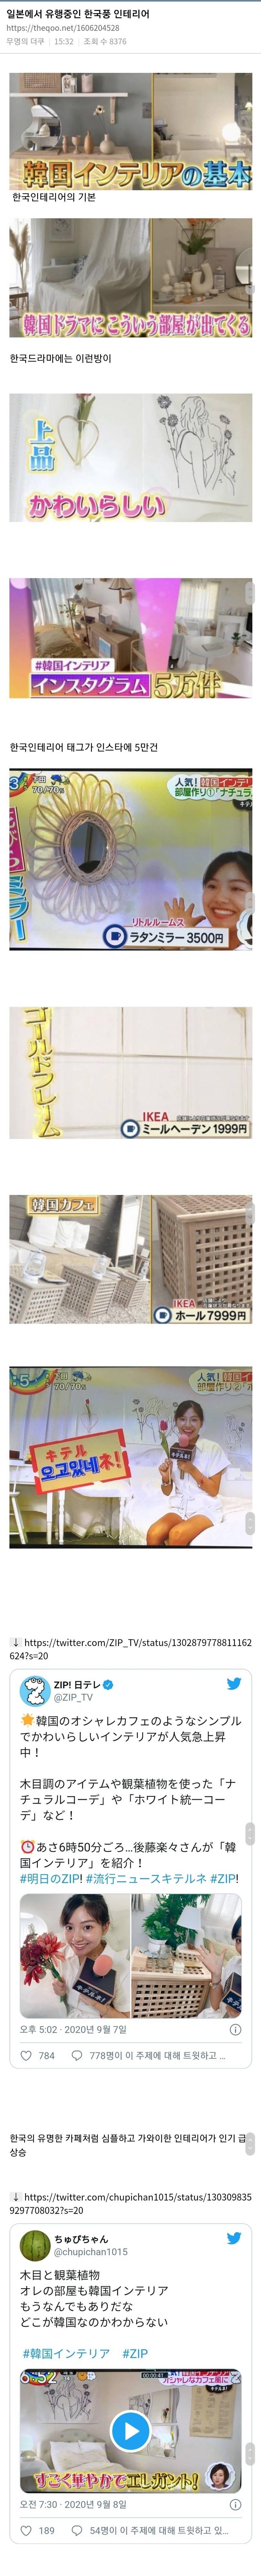 일본에서 유행중인 한국풍 인테리어 | 인스티즈